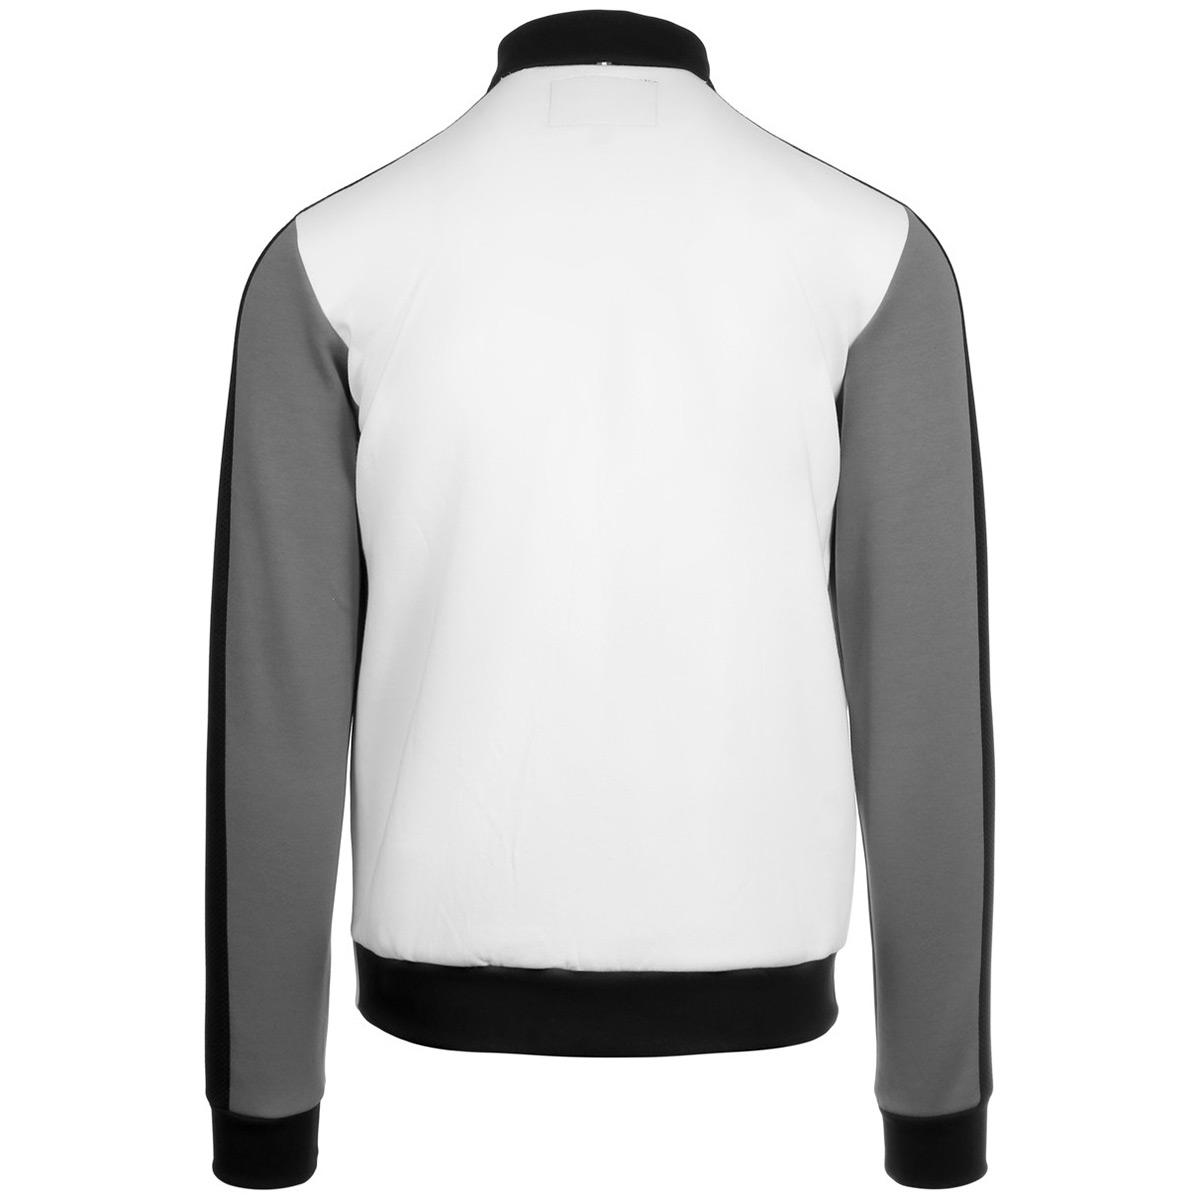 Vêtement Vestes sport Le Coq Sportif homme Tech Full Zip